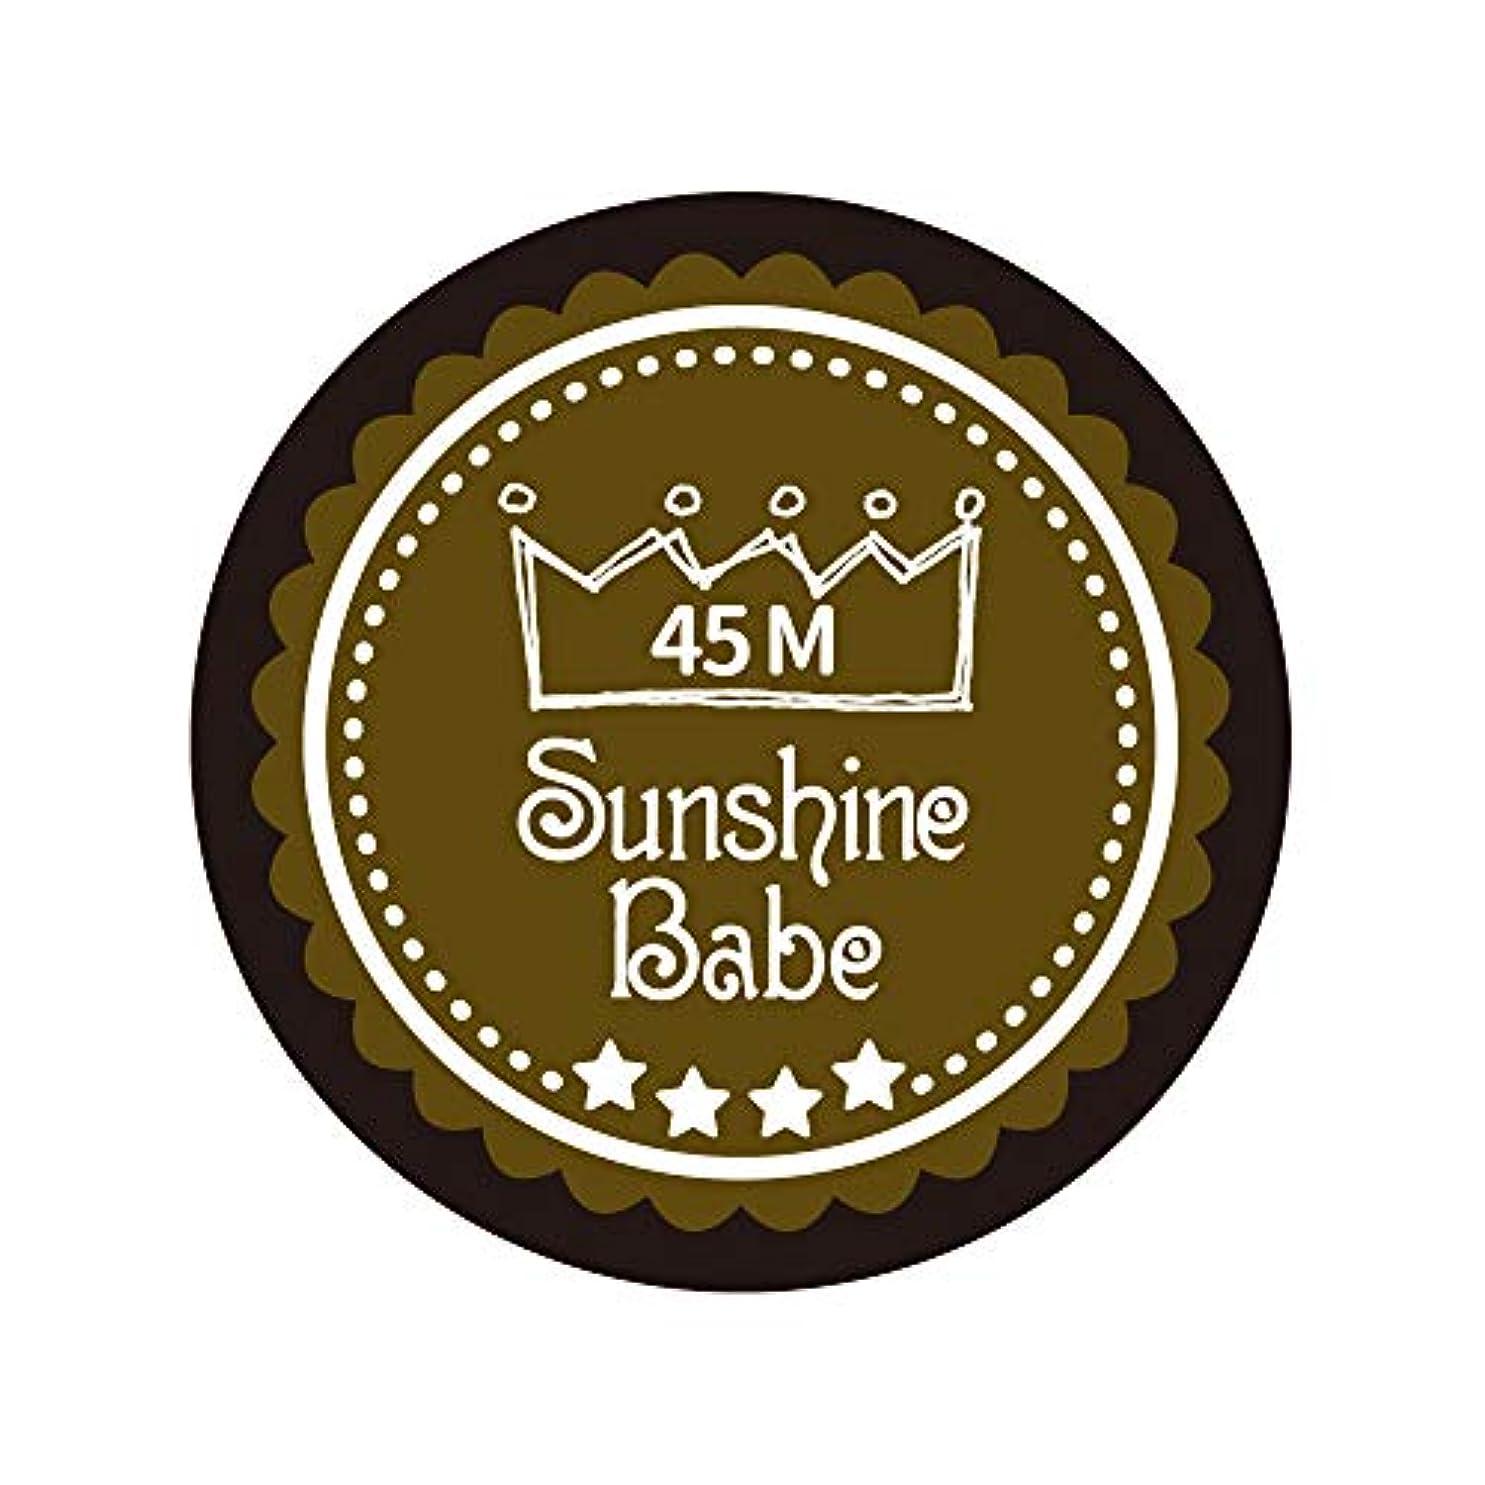 同一の癒す教育者Sunshine Babe カラージェル 45M マティーニオリーブ 4g UV/LED対応